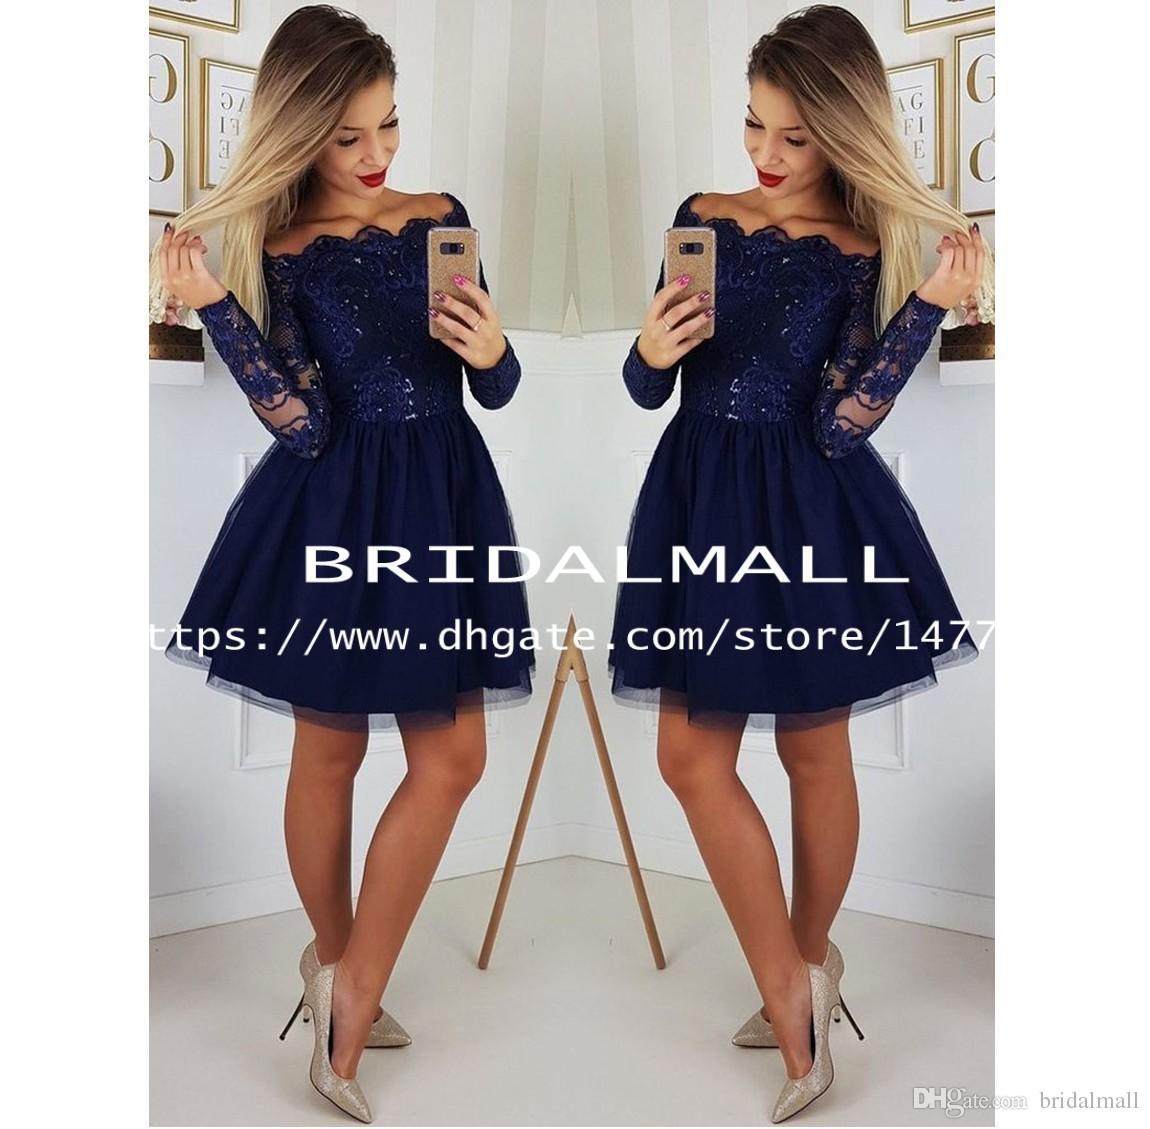 Sheer Manches longues en dentelle bleu marine Robes de bal 2020 Une ligne Juniors Applique douce 15 Cocktail Robes Plus Size Graduation Dress